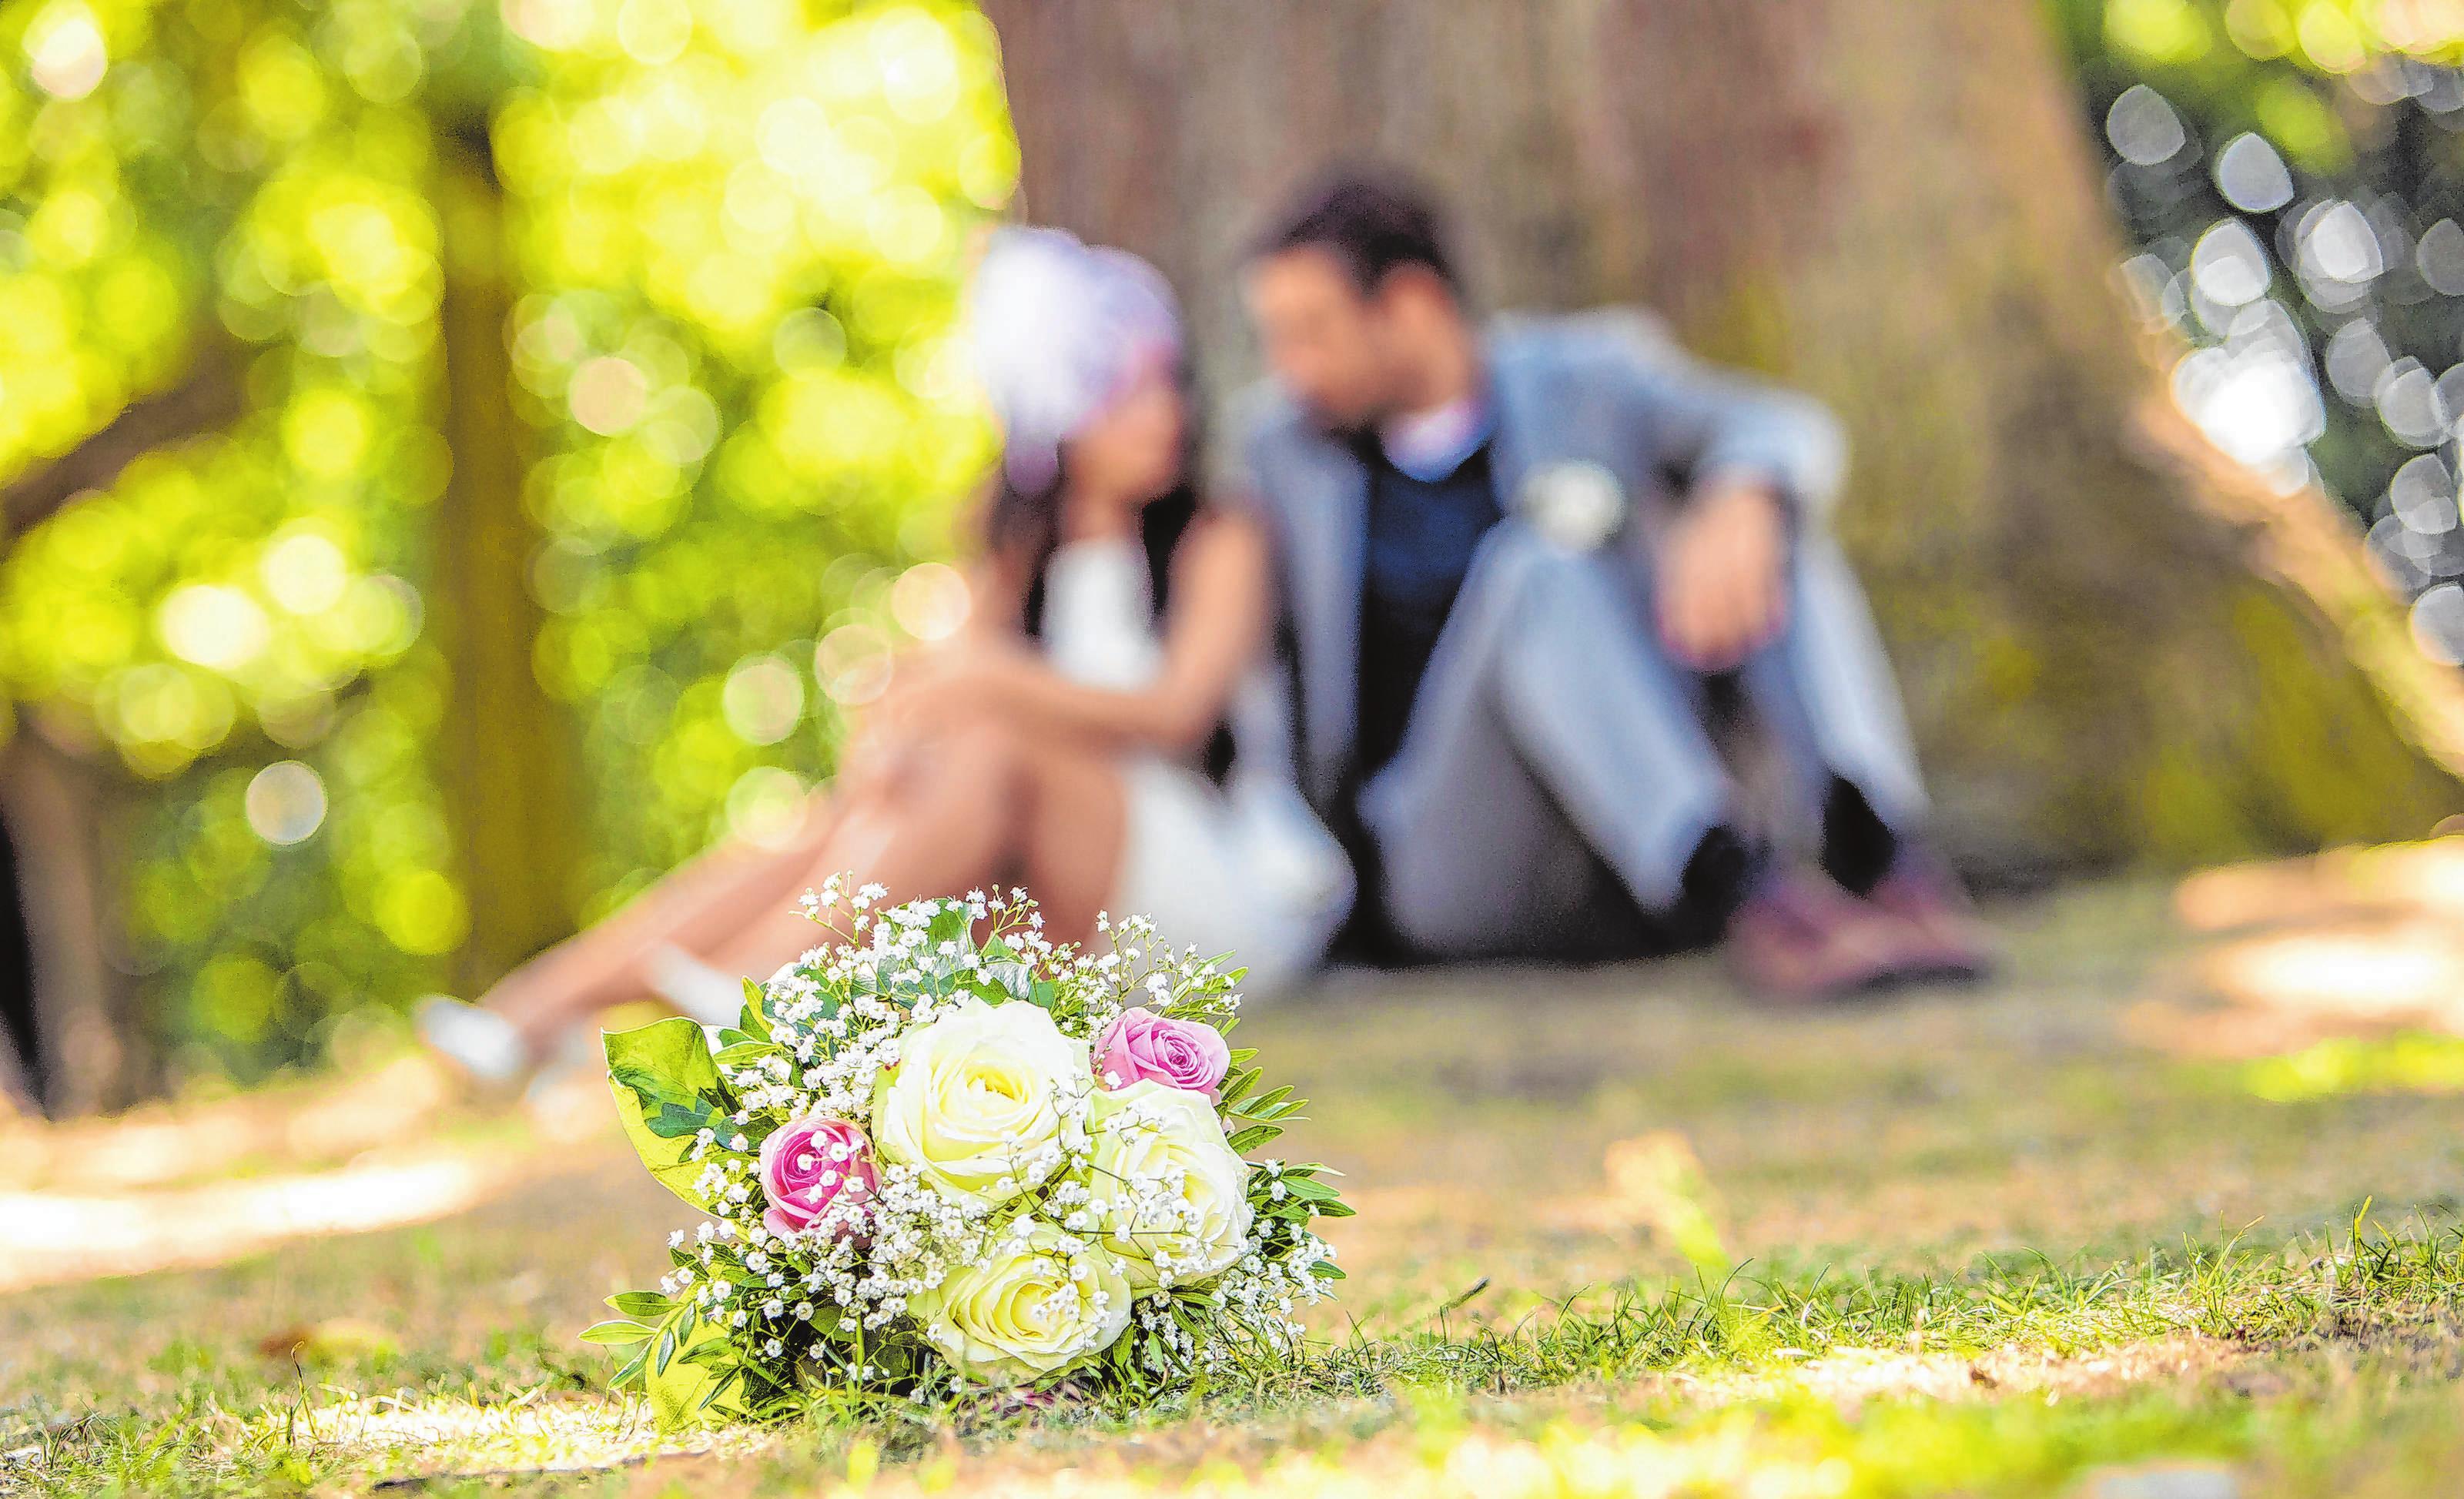 Viele Hochzeitspaare wollen weg von den üblichen Traditionen und durchgetakteten Feiern. Foto: Christin Klose/dpa-mag